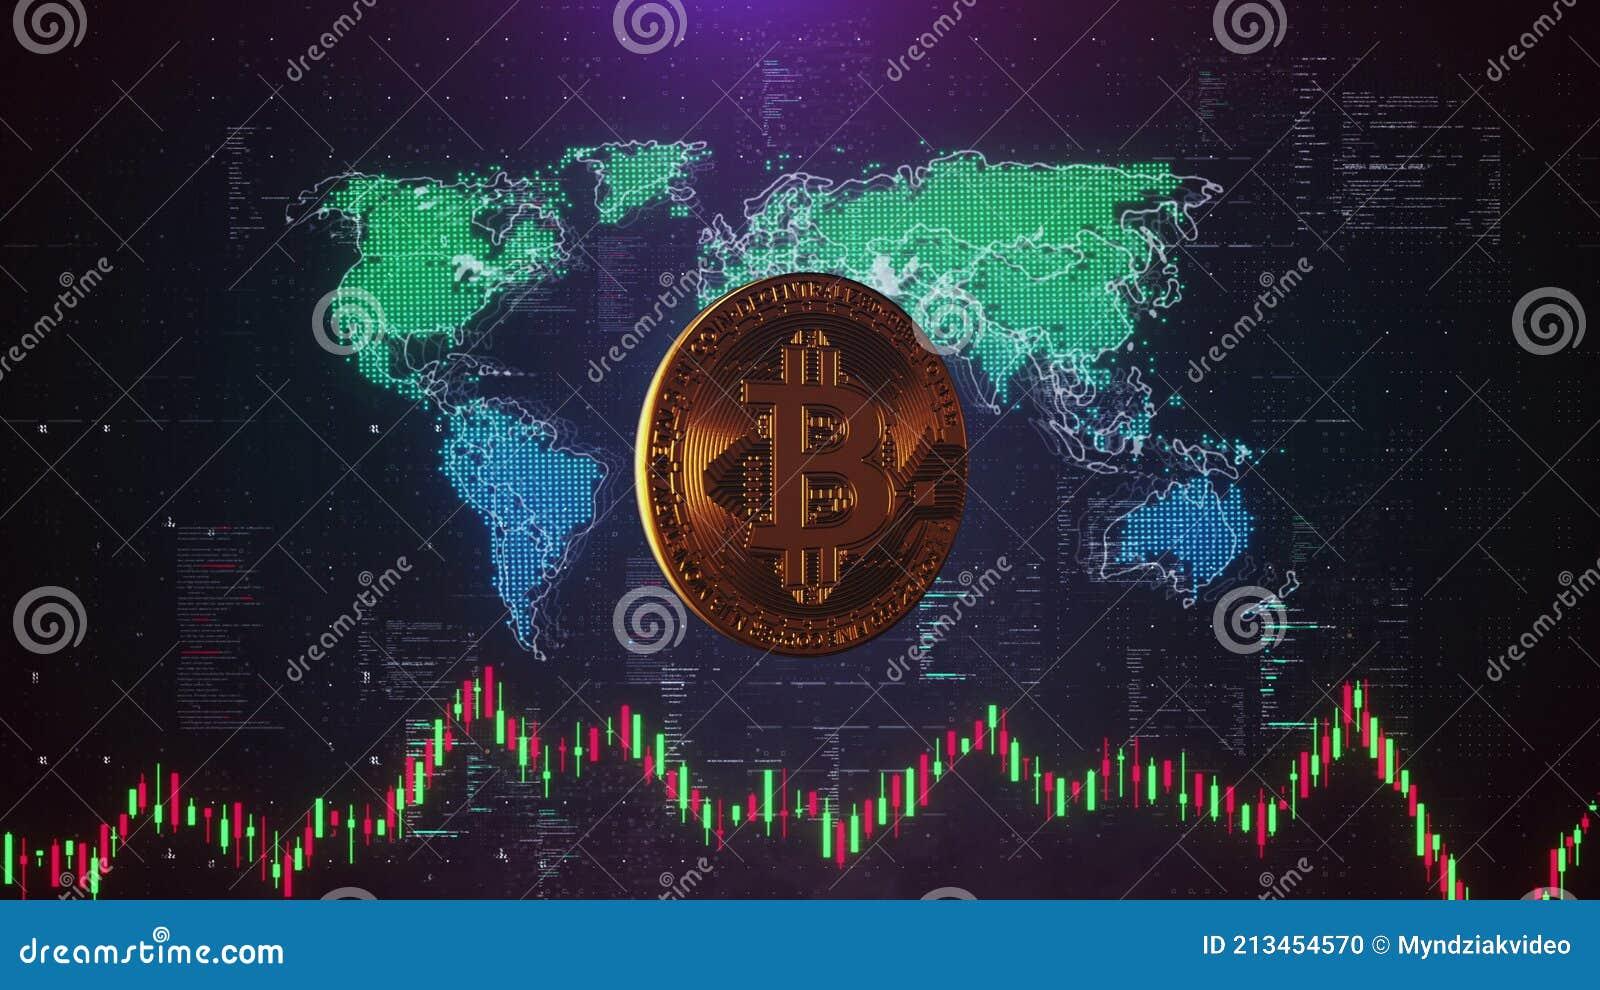 futuro sistema bitcoin fxtm trade bitcoin